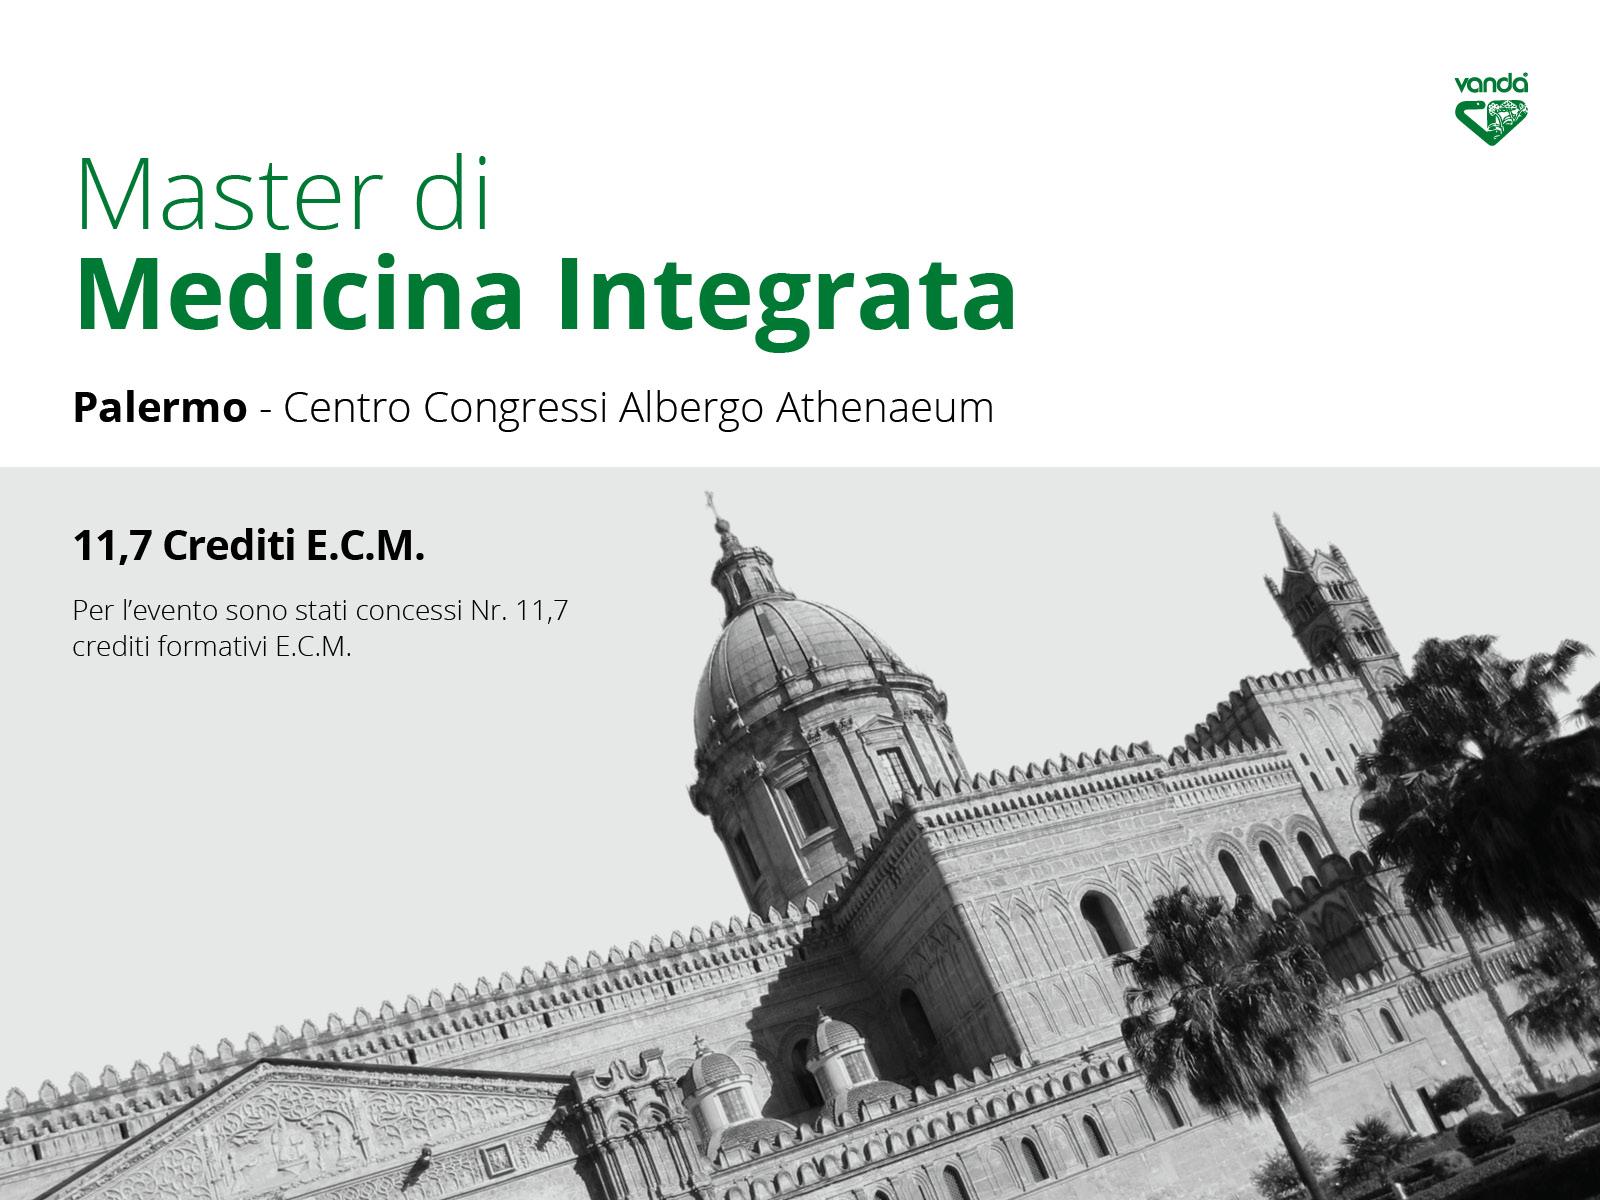 Palermo, 22/9 - 13/10 - 24/11 - 15/12: Master di Medicina Integrata